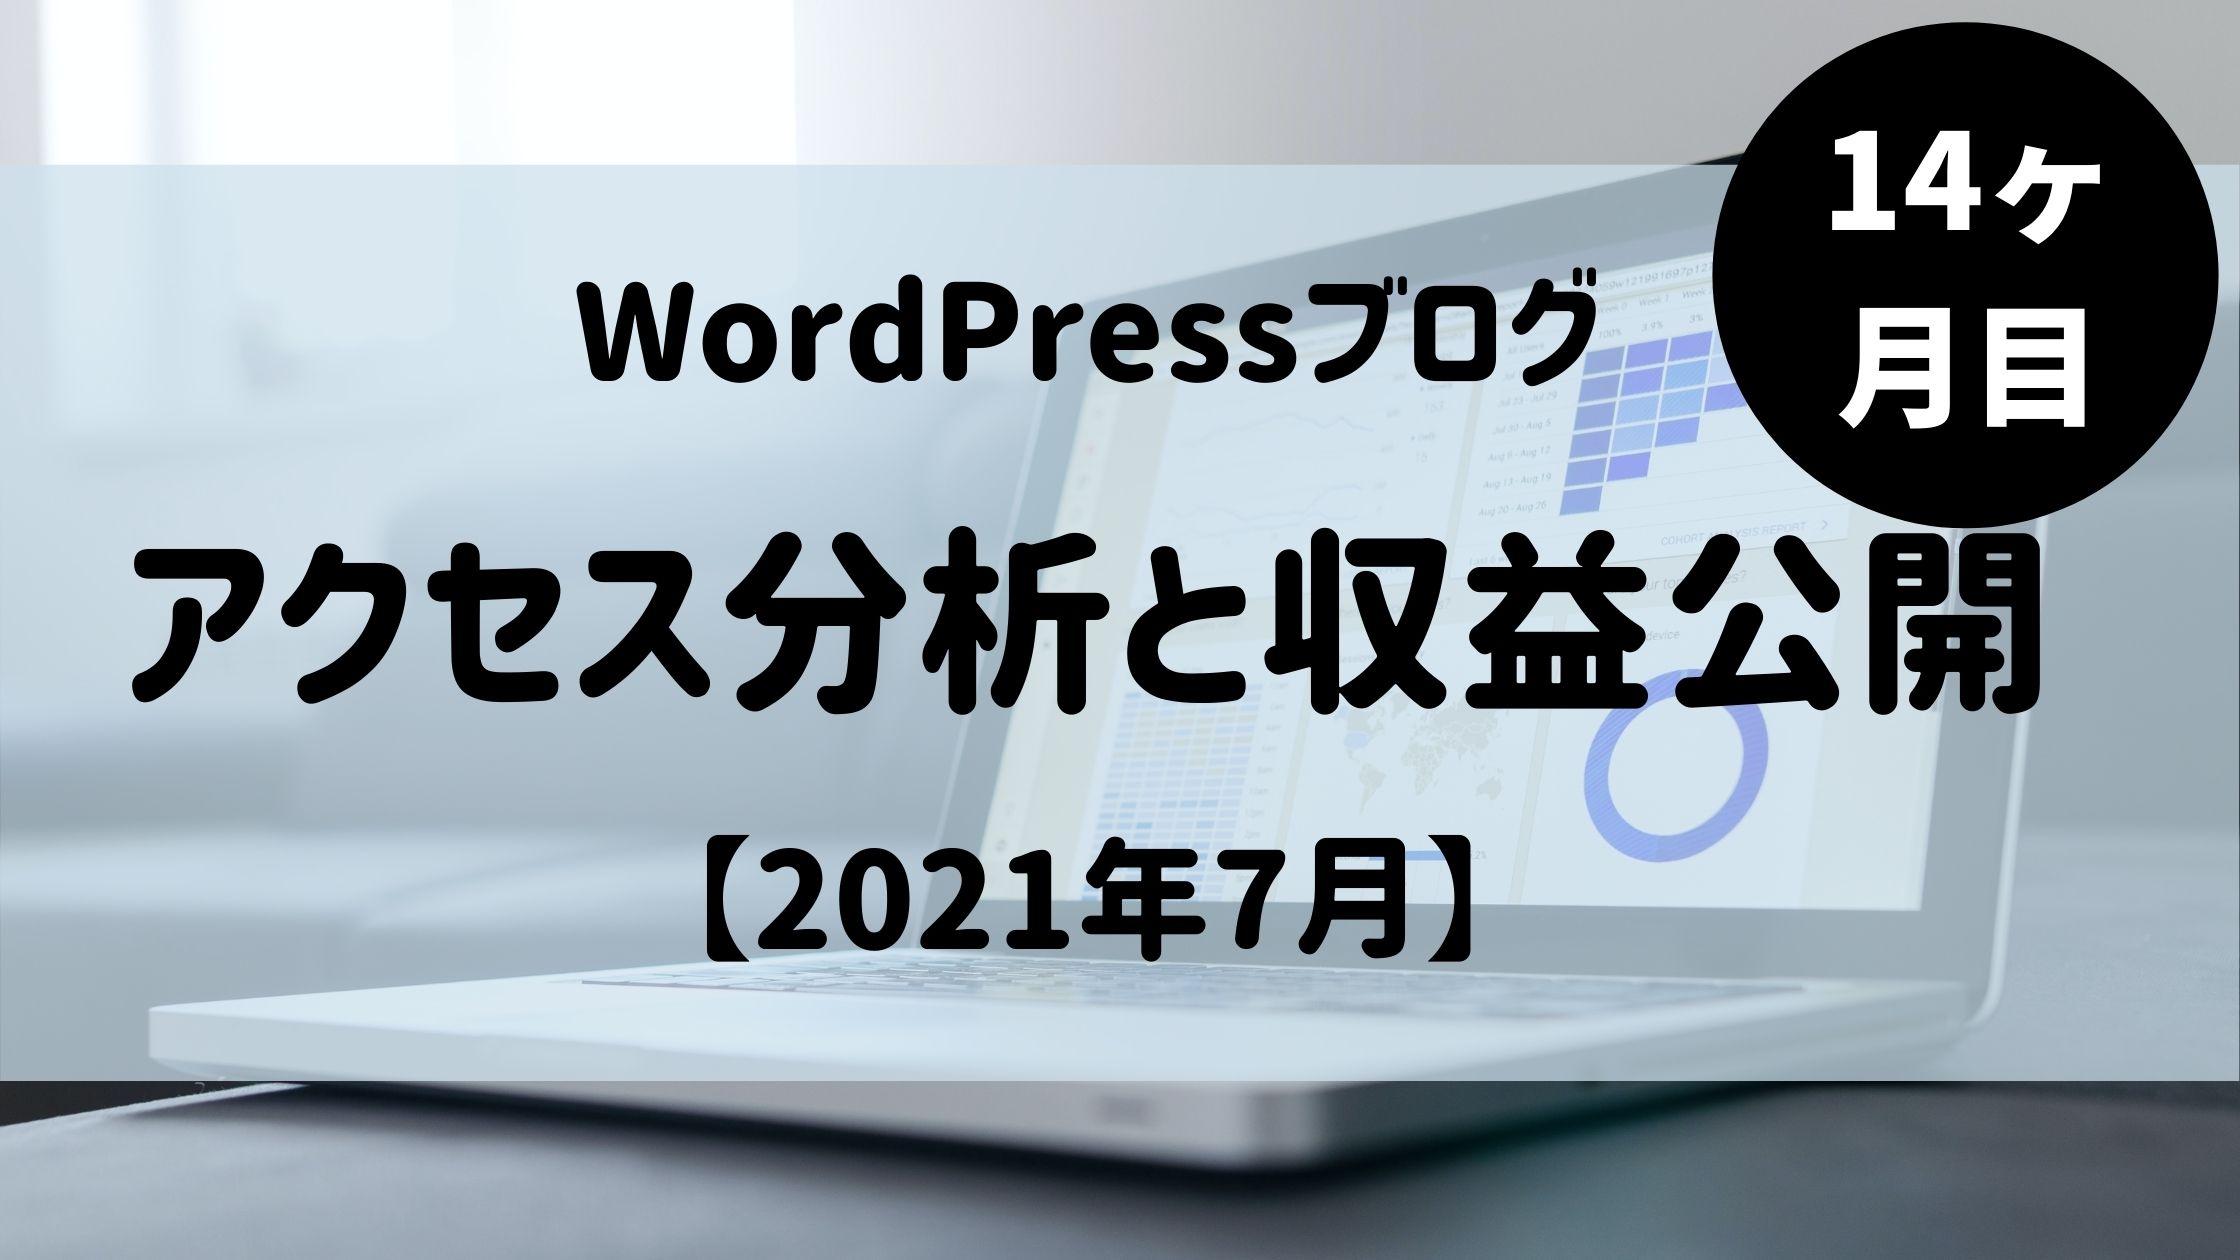 アクセス分析,アナリティクス,収益,ブログ,WordPress,AdSense,アフィリエイト